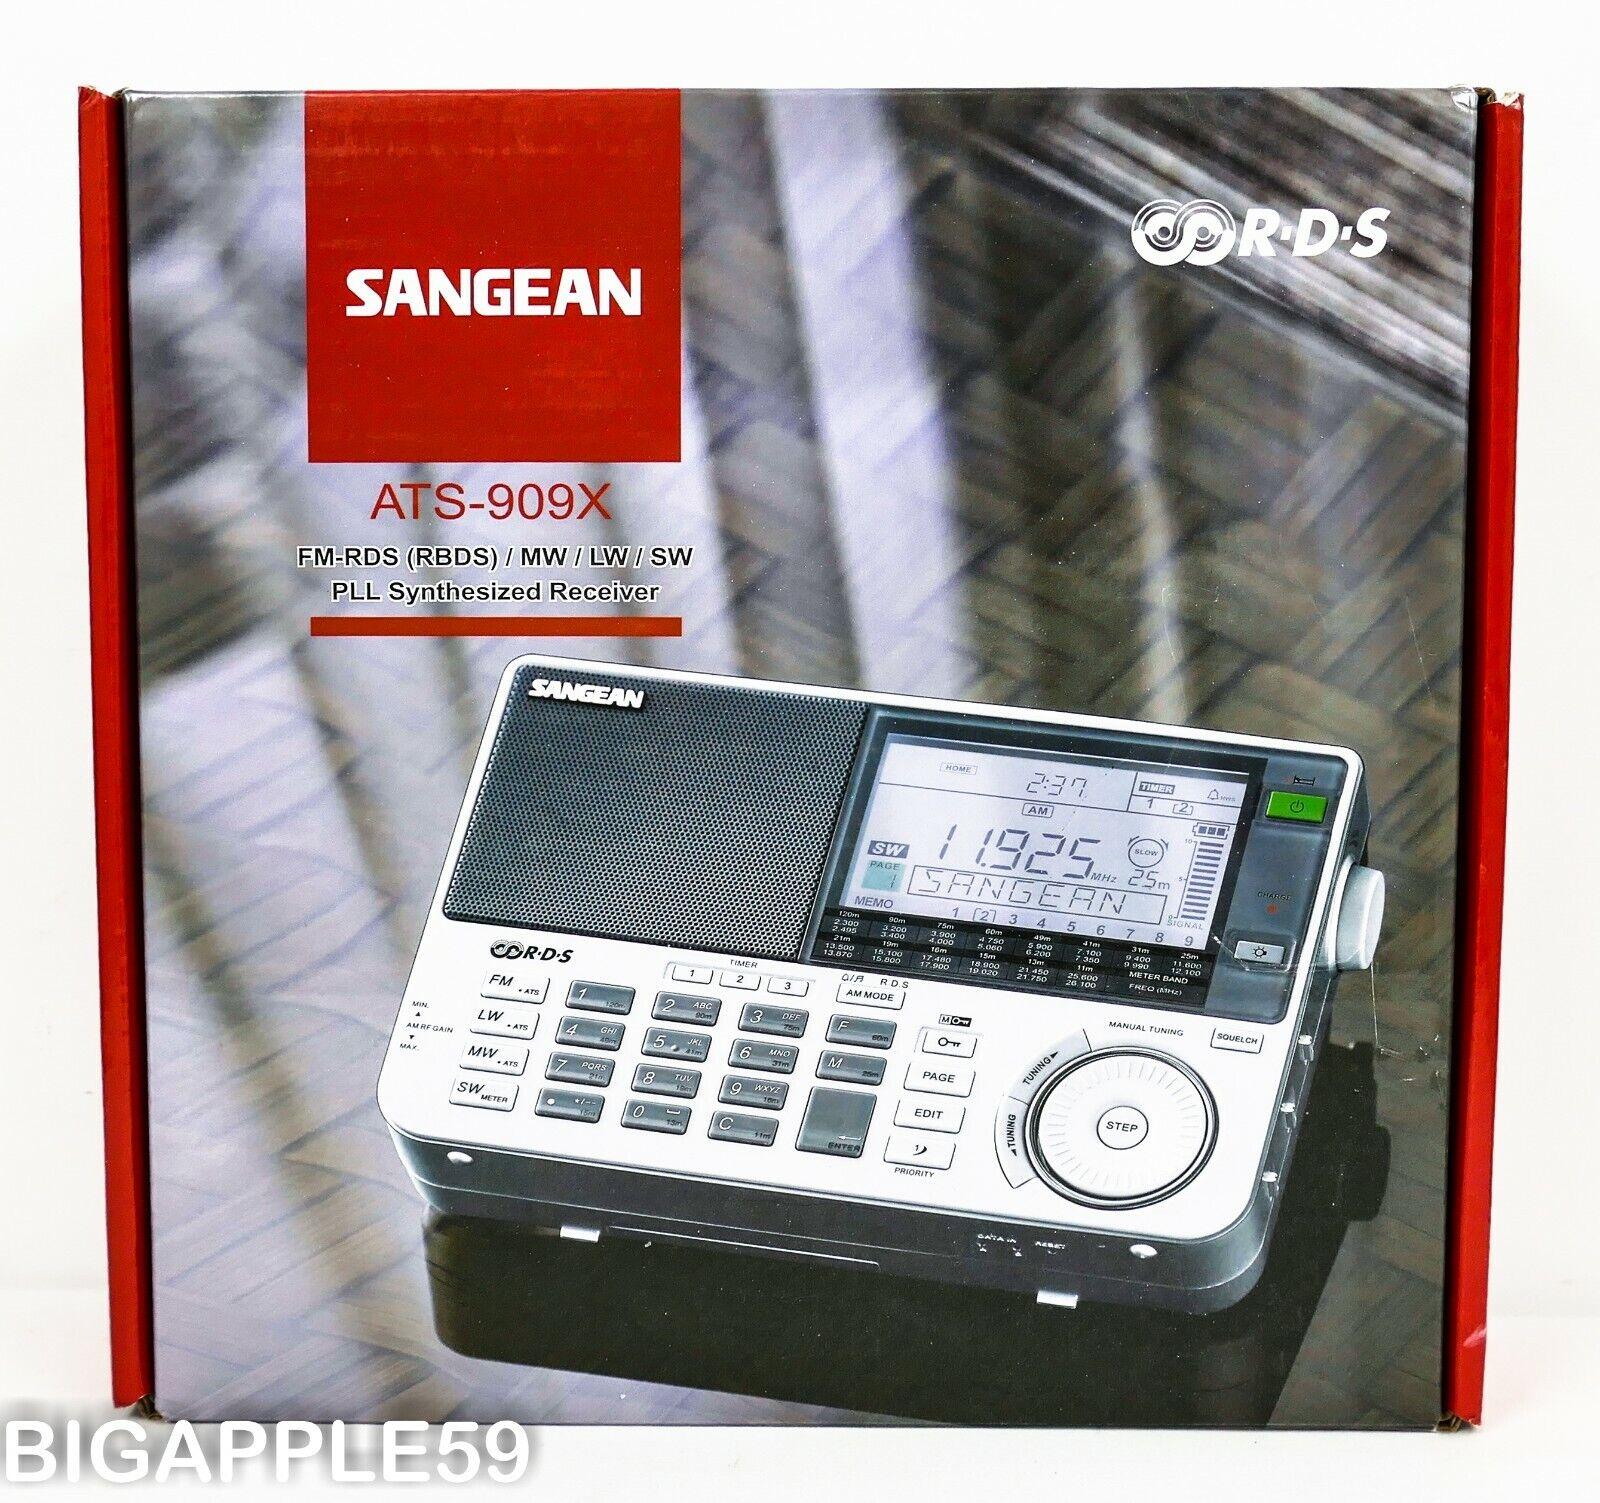 Sangean ATS-909X Shortwave AM FM World Band Radio Receiver *